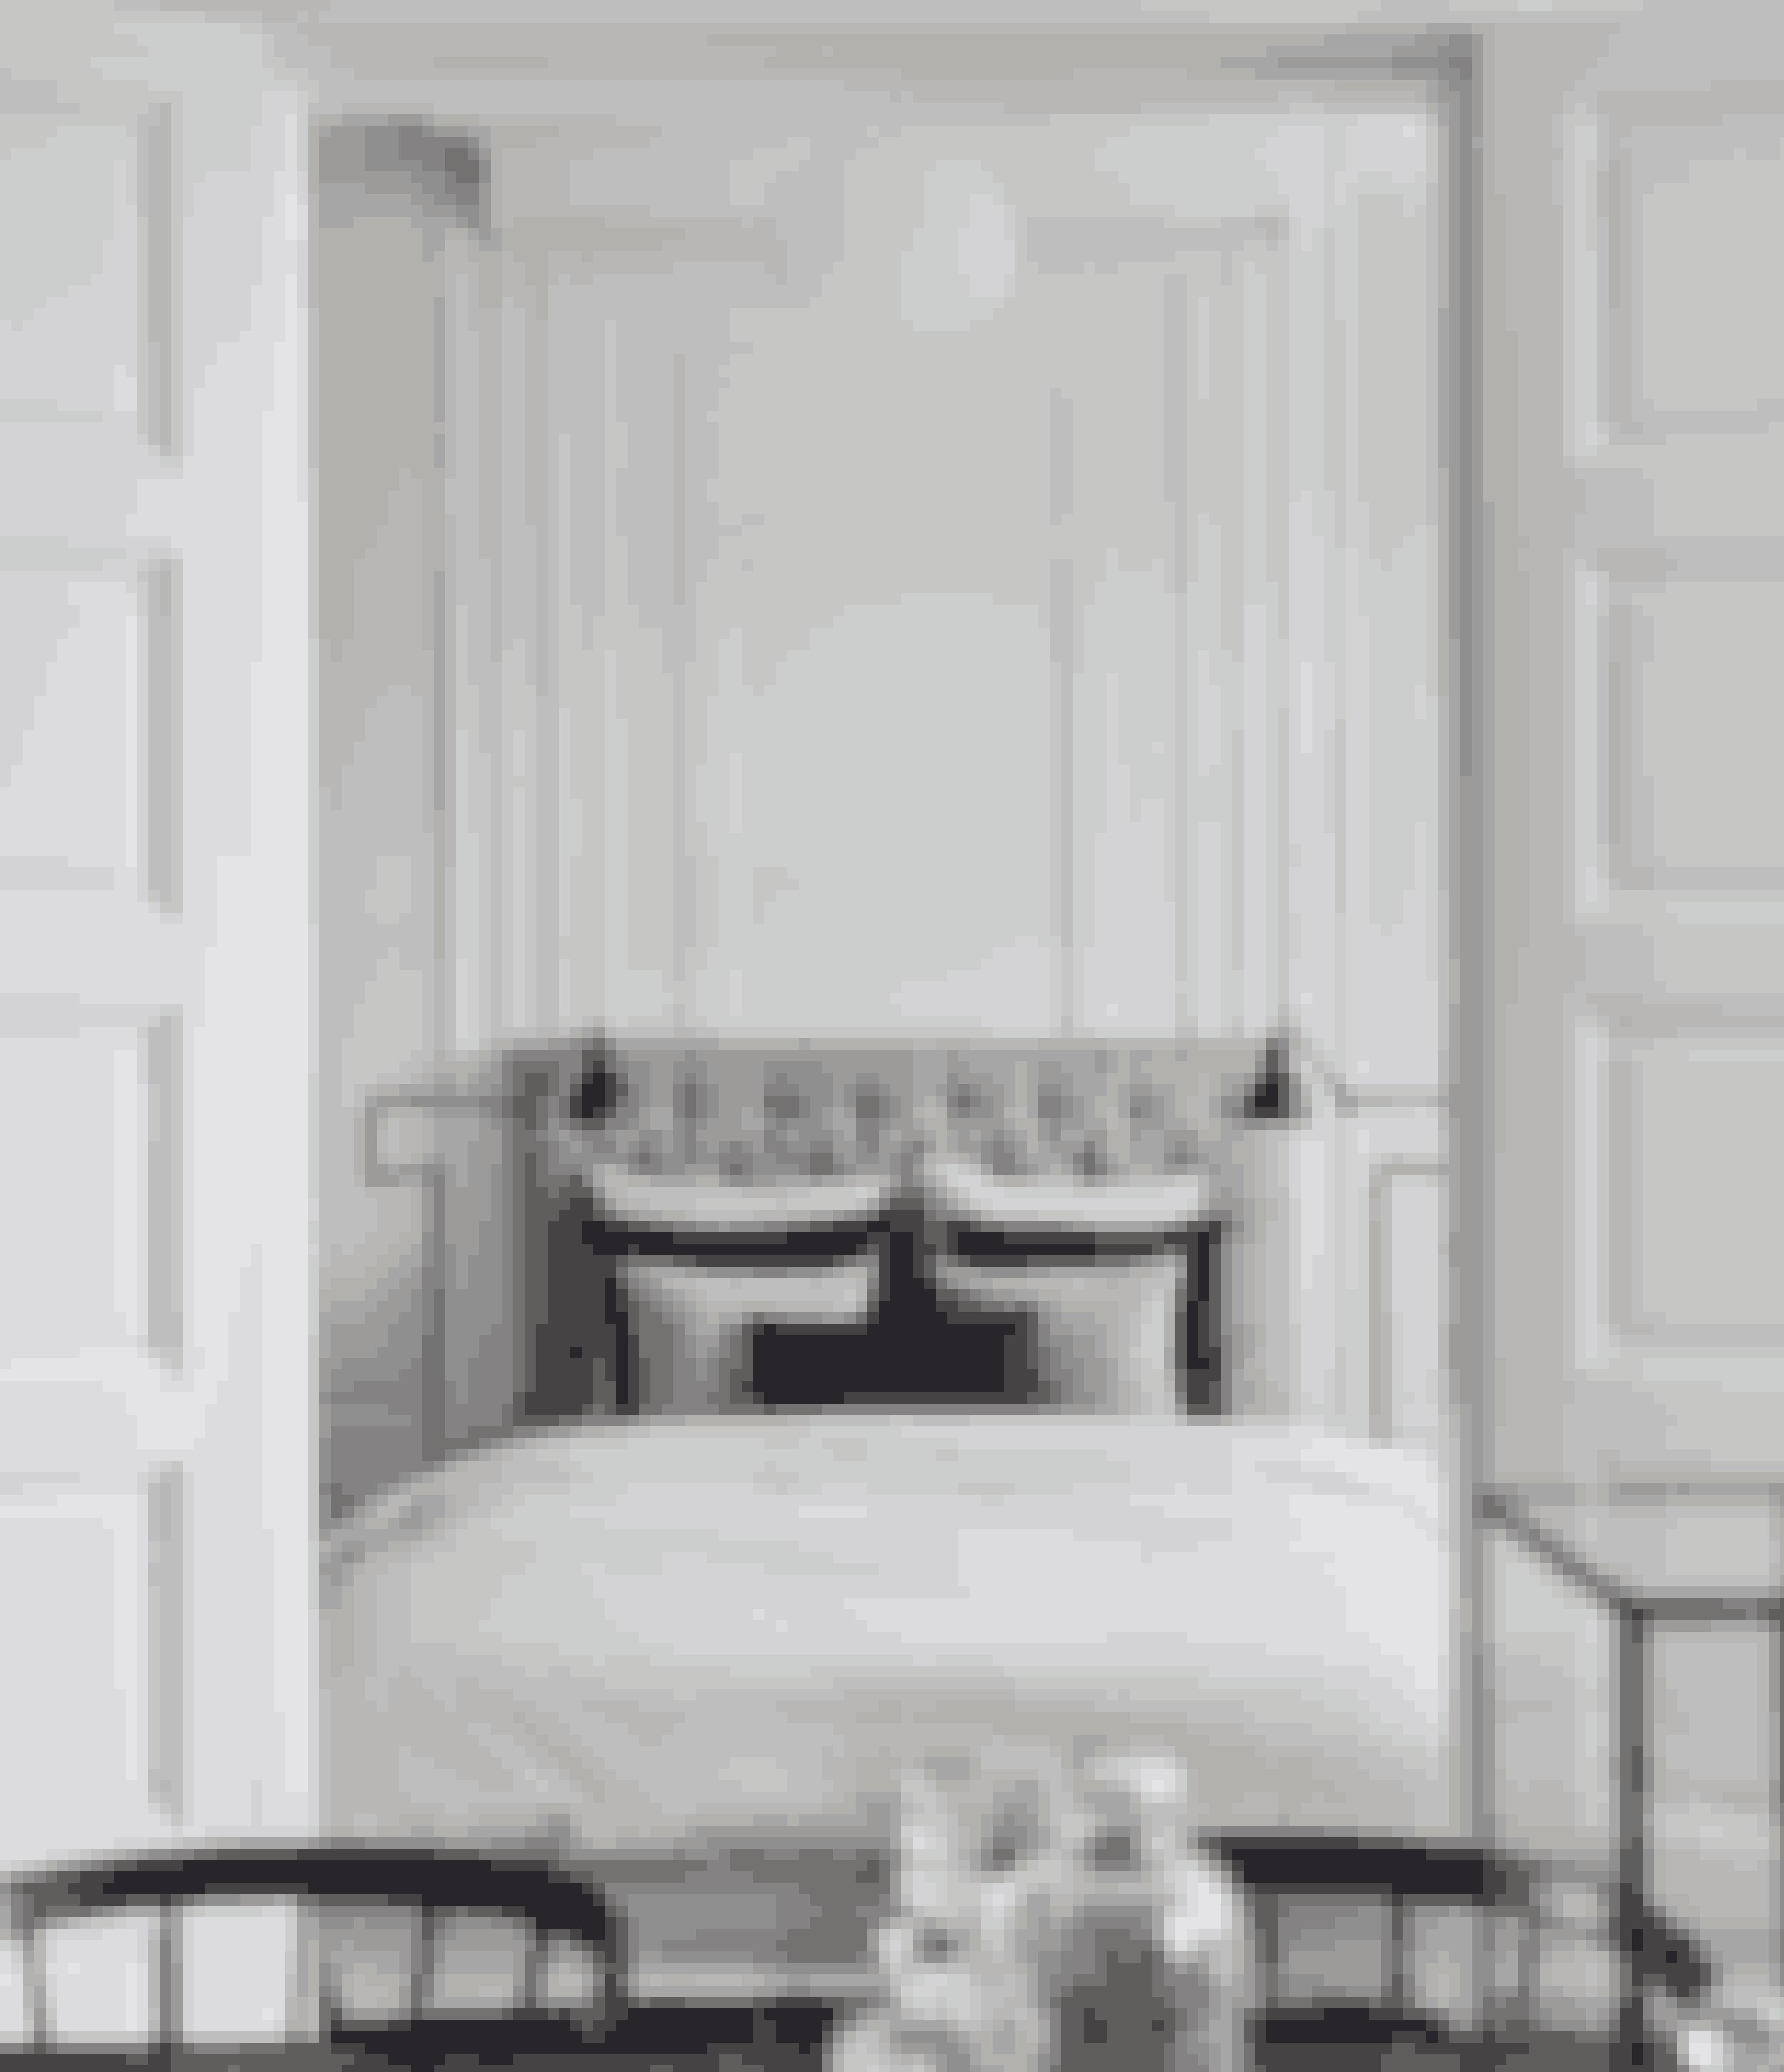 Har du en lejlighed med smukke døre, stuk og andre herskabelige detaljer og samtidigt et elegant indrettet soveværelse, så inddrag det i hjemmet i stedet for at gemme det væk bag lukkede døre. Hvis du reder sengen med lækre puder og tæpper, der harmonerer med stuen, tager du lidt af den intime fornemmelse ud.